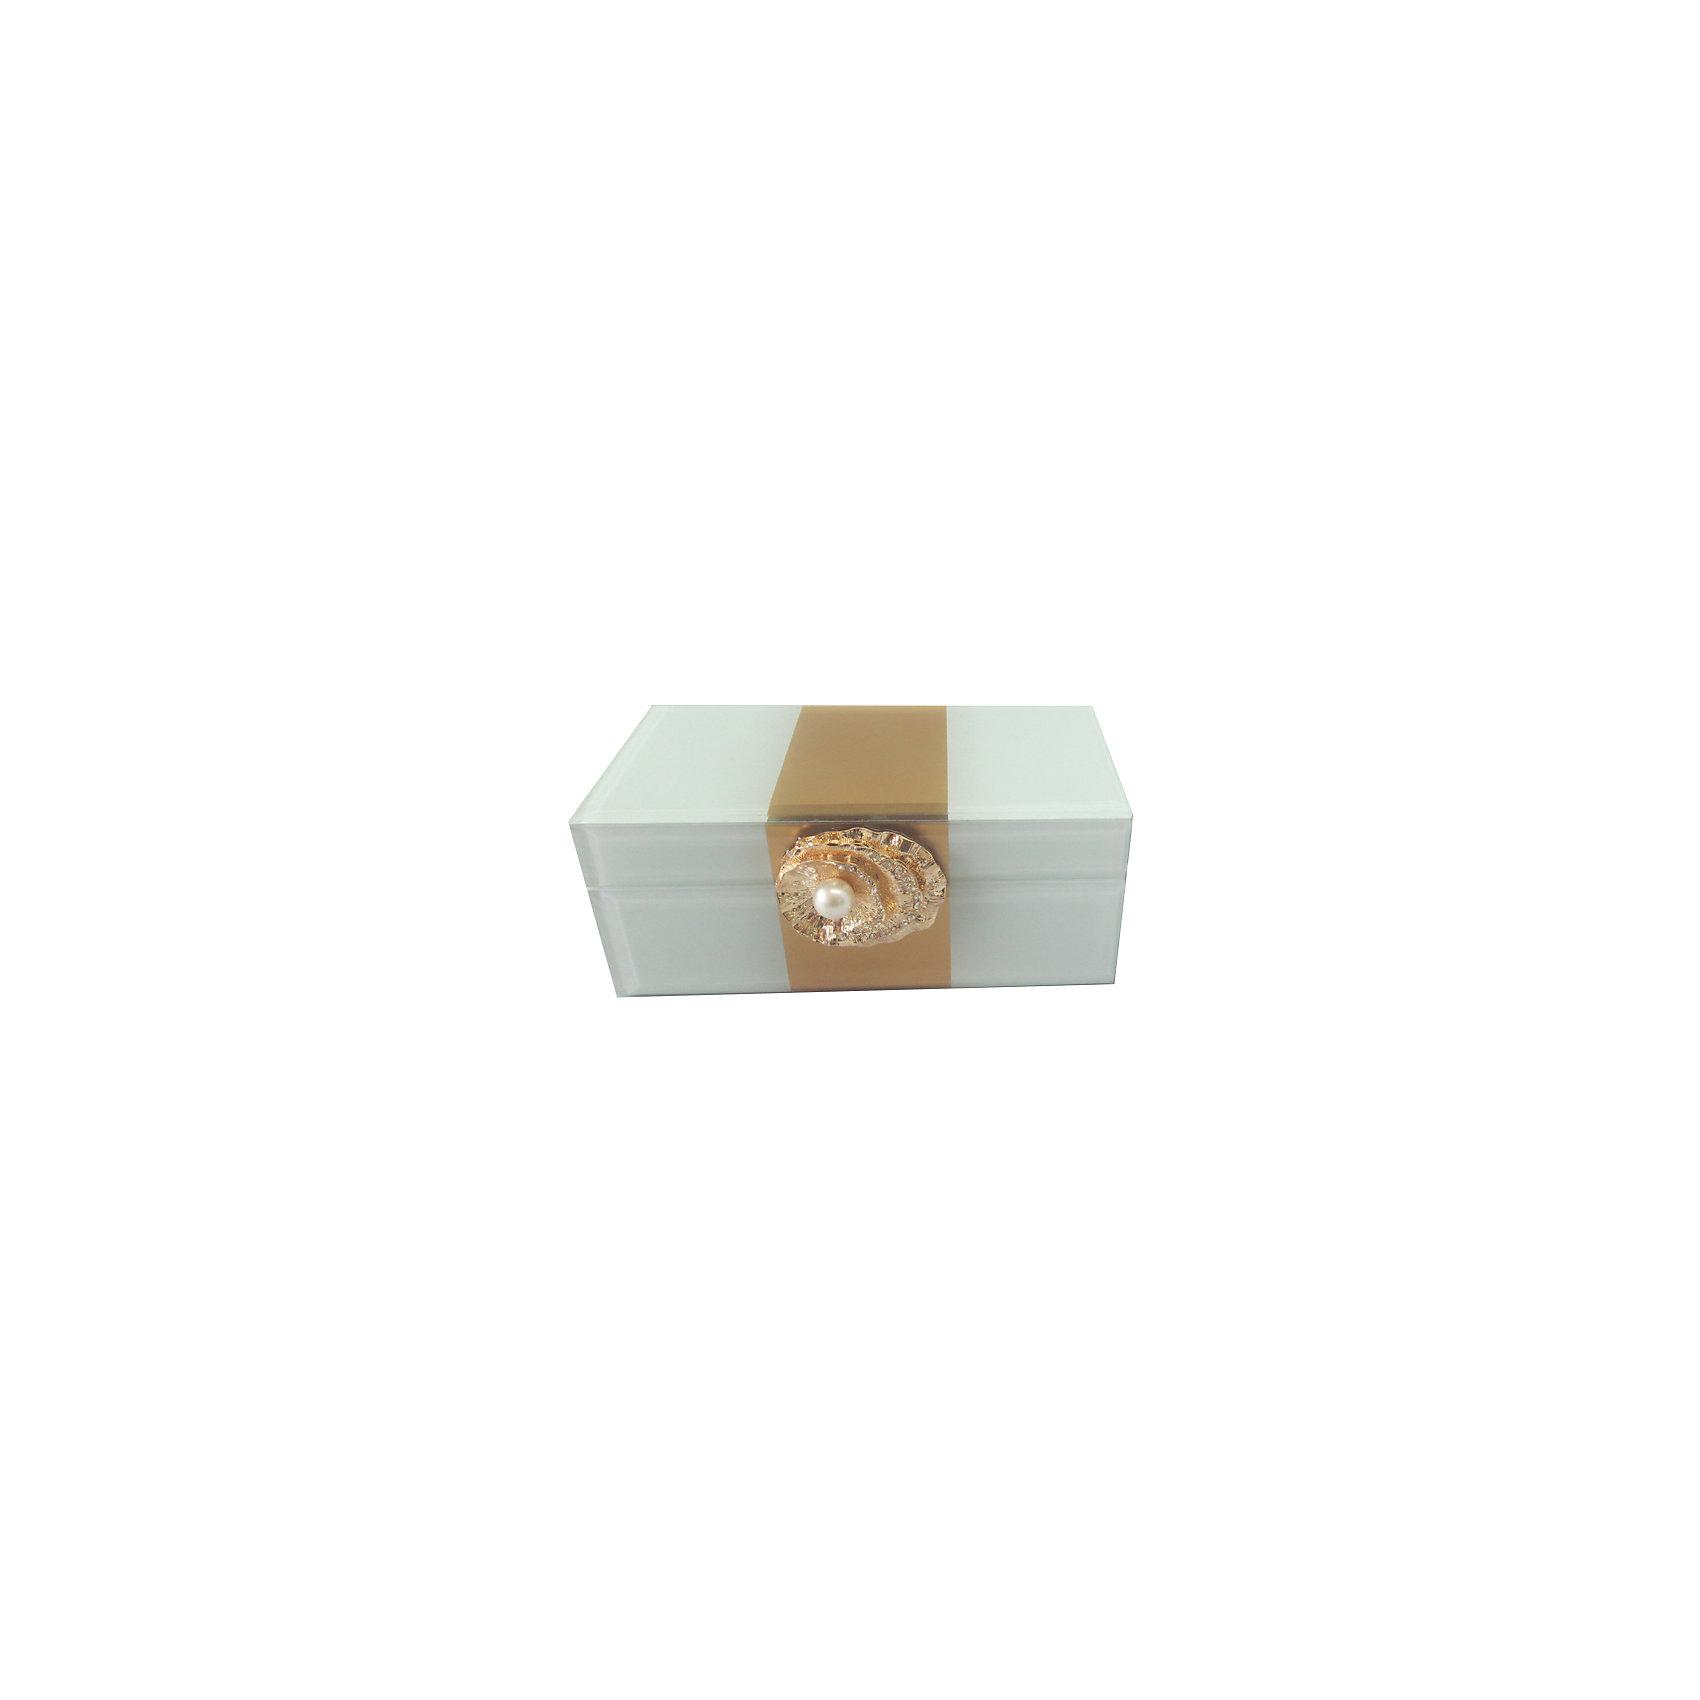 Шкатулка Жемчужина из стекла для мелочей, Феникс-ПрезентШкатулка Жемчужина  из стекла для мелочей. Вместительности шкатулки хватит для того, чтобы спрятать на надежно хранение самые любимые сердцу вещи – драгоценности, бижутерию, украшения для волос и визитки с важными телефонами<br><br>Ширина мм: 155<br>Глубина мм: 75<br>Высота мм: 65<br>Вес г: 438<br>Возраст от месяцев: 60<br>Возраст до месяцев: 2147483647<br>Пол: Унисекс<br>Возраст: Детский<br>SKU: 5449773